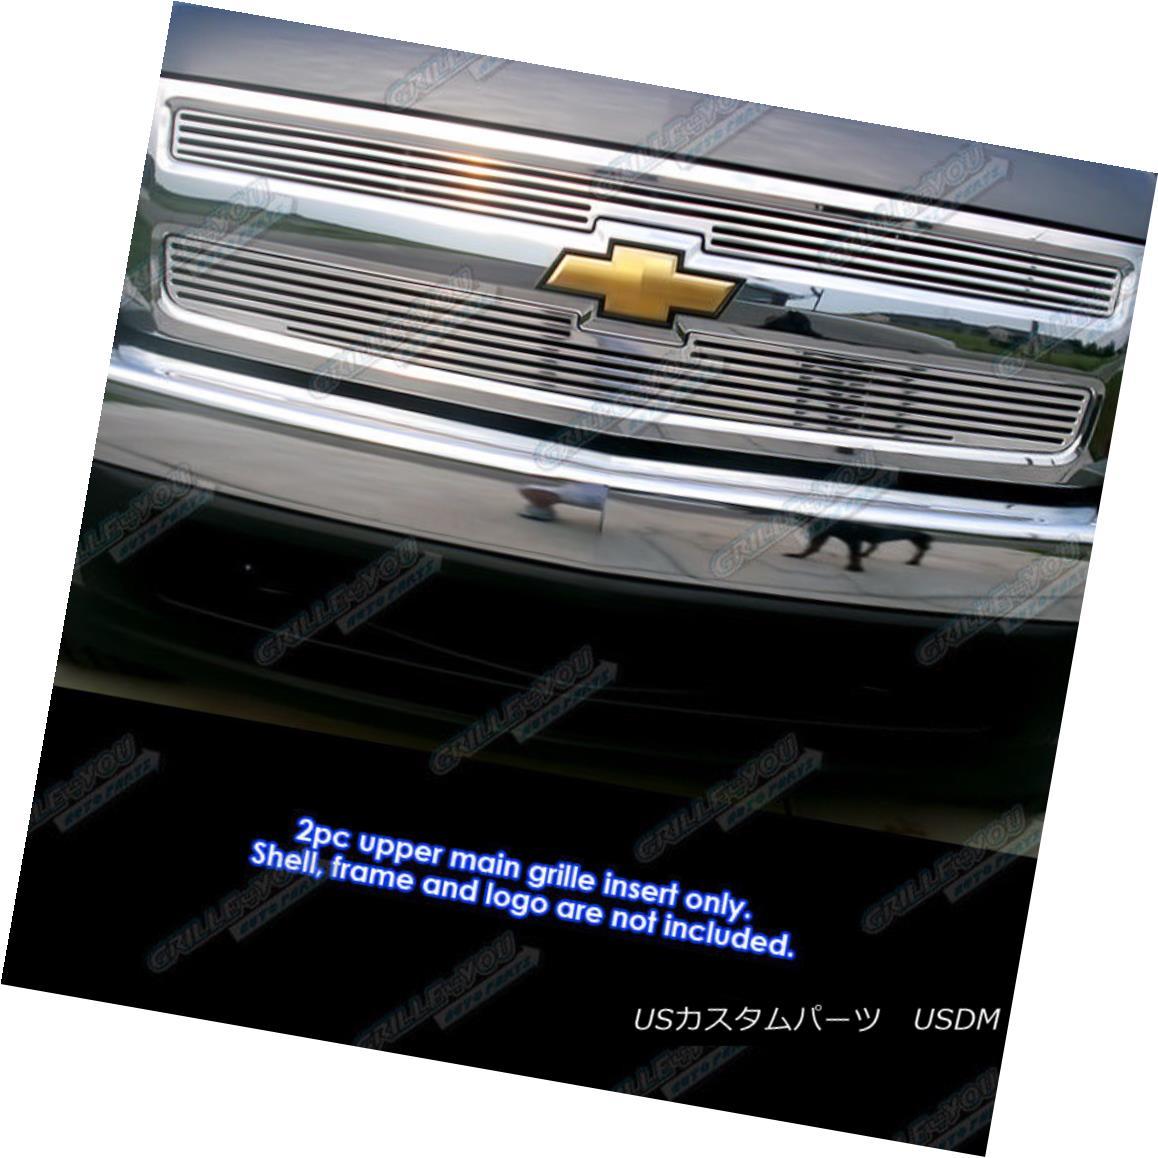 グリル Fits 2007-2013 Chevy Silverado 1500 Perimeter Grille Grill Insert 2007年?2013年Chevy Silverado 1500ペリメーターグリルグリルインサート